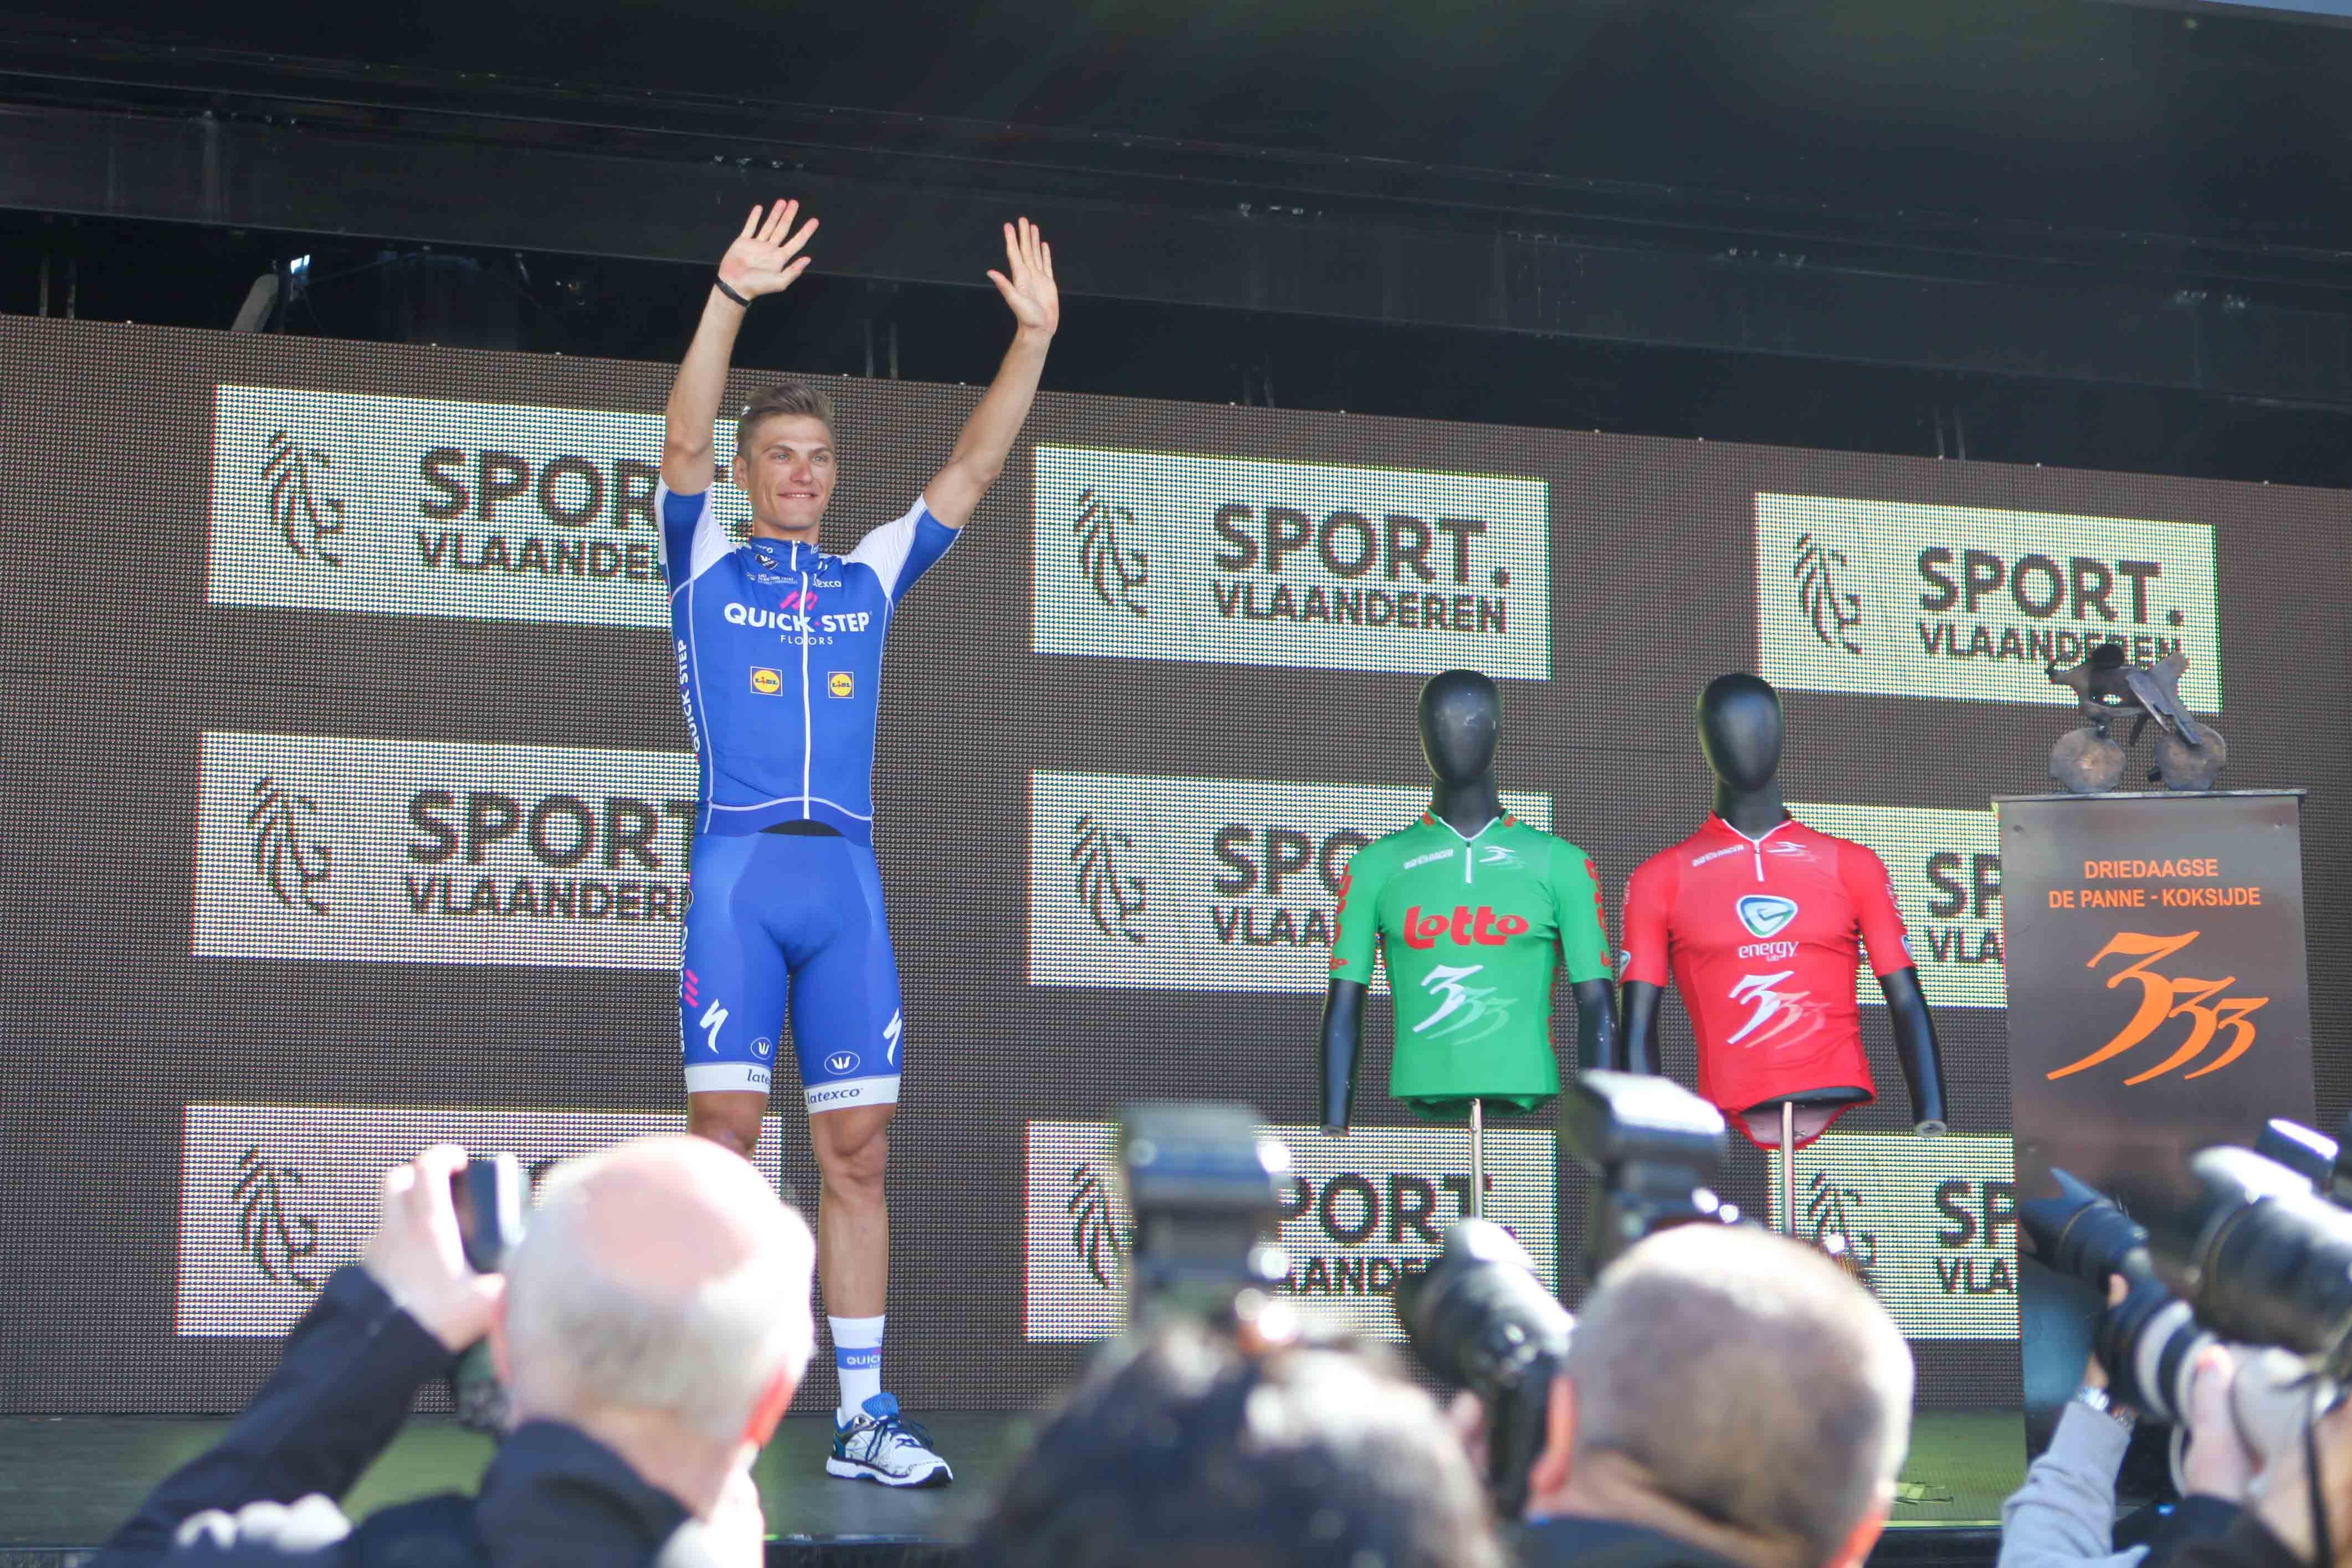 Spurtkongen: Marcel Kittel har god historikk i De Panne. Han vant tilsvarende etappe i fjor. Foto: Kjetil R. Anda / Sykkelmagasinet